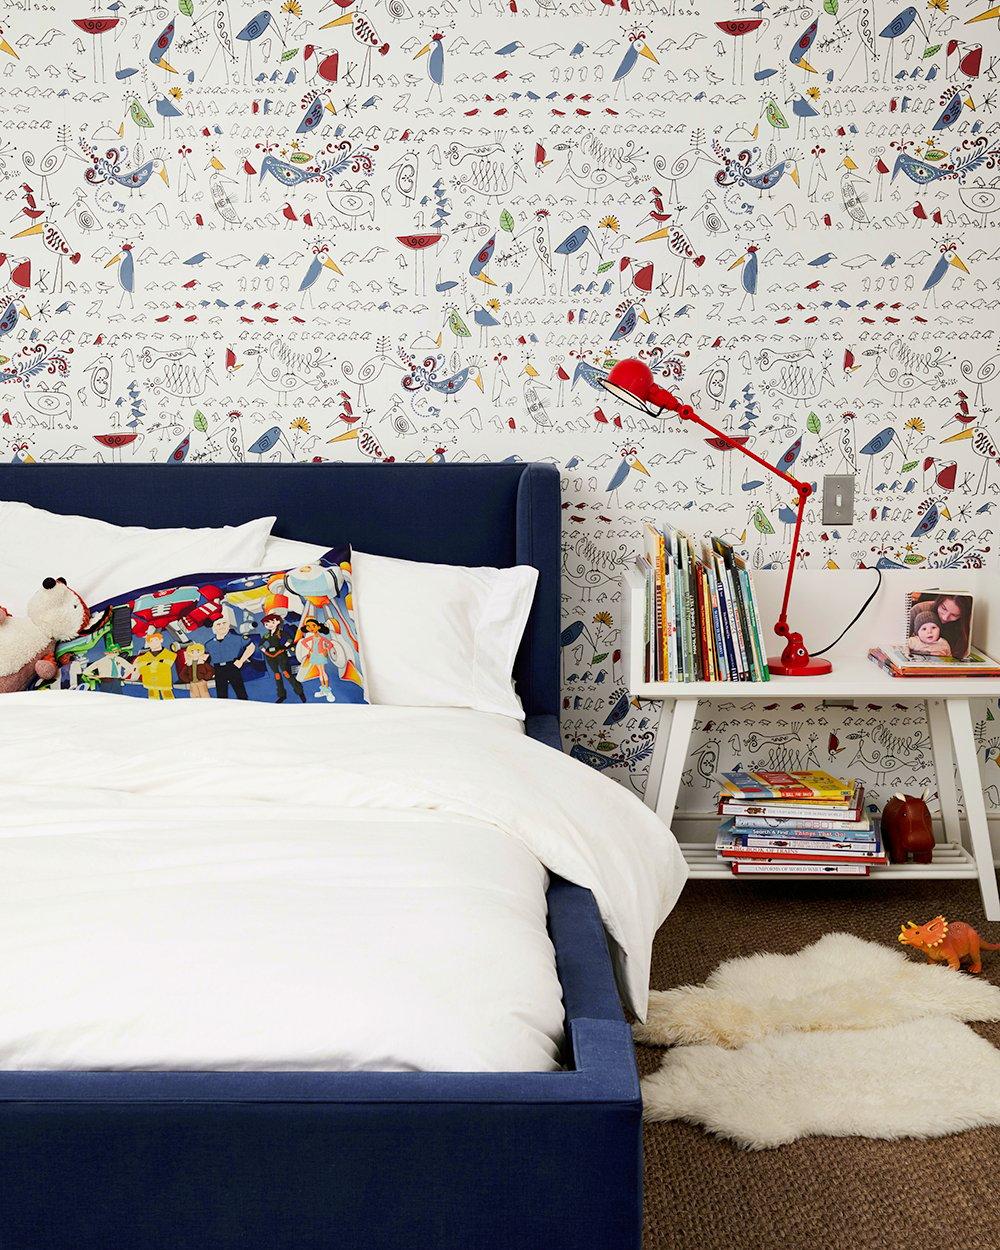 Antons bedroom